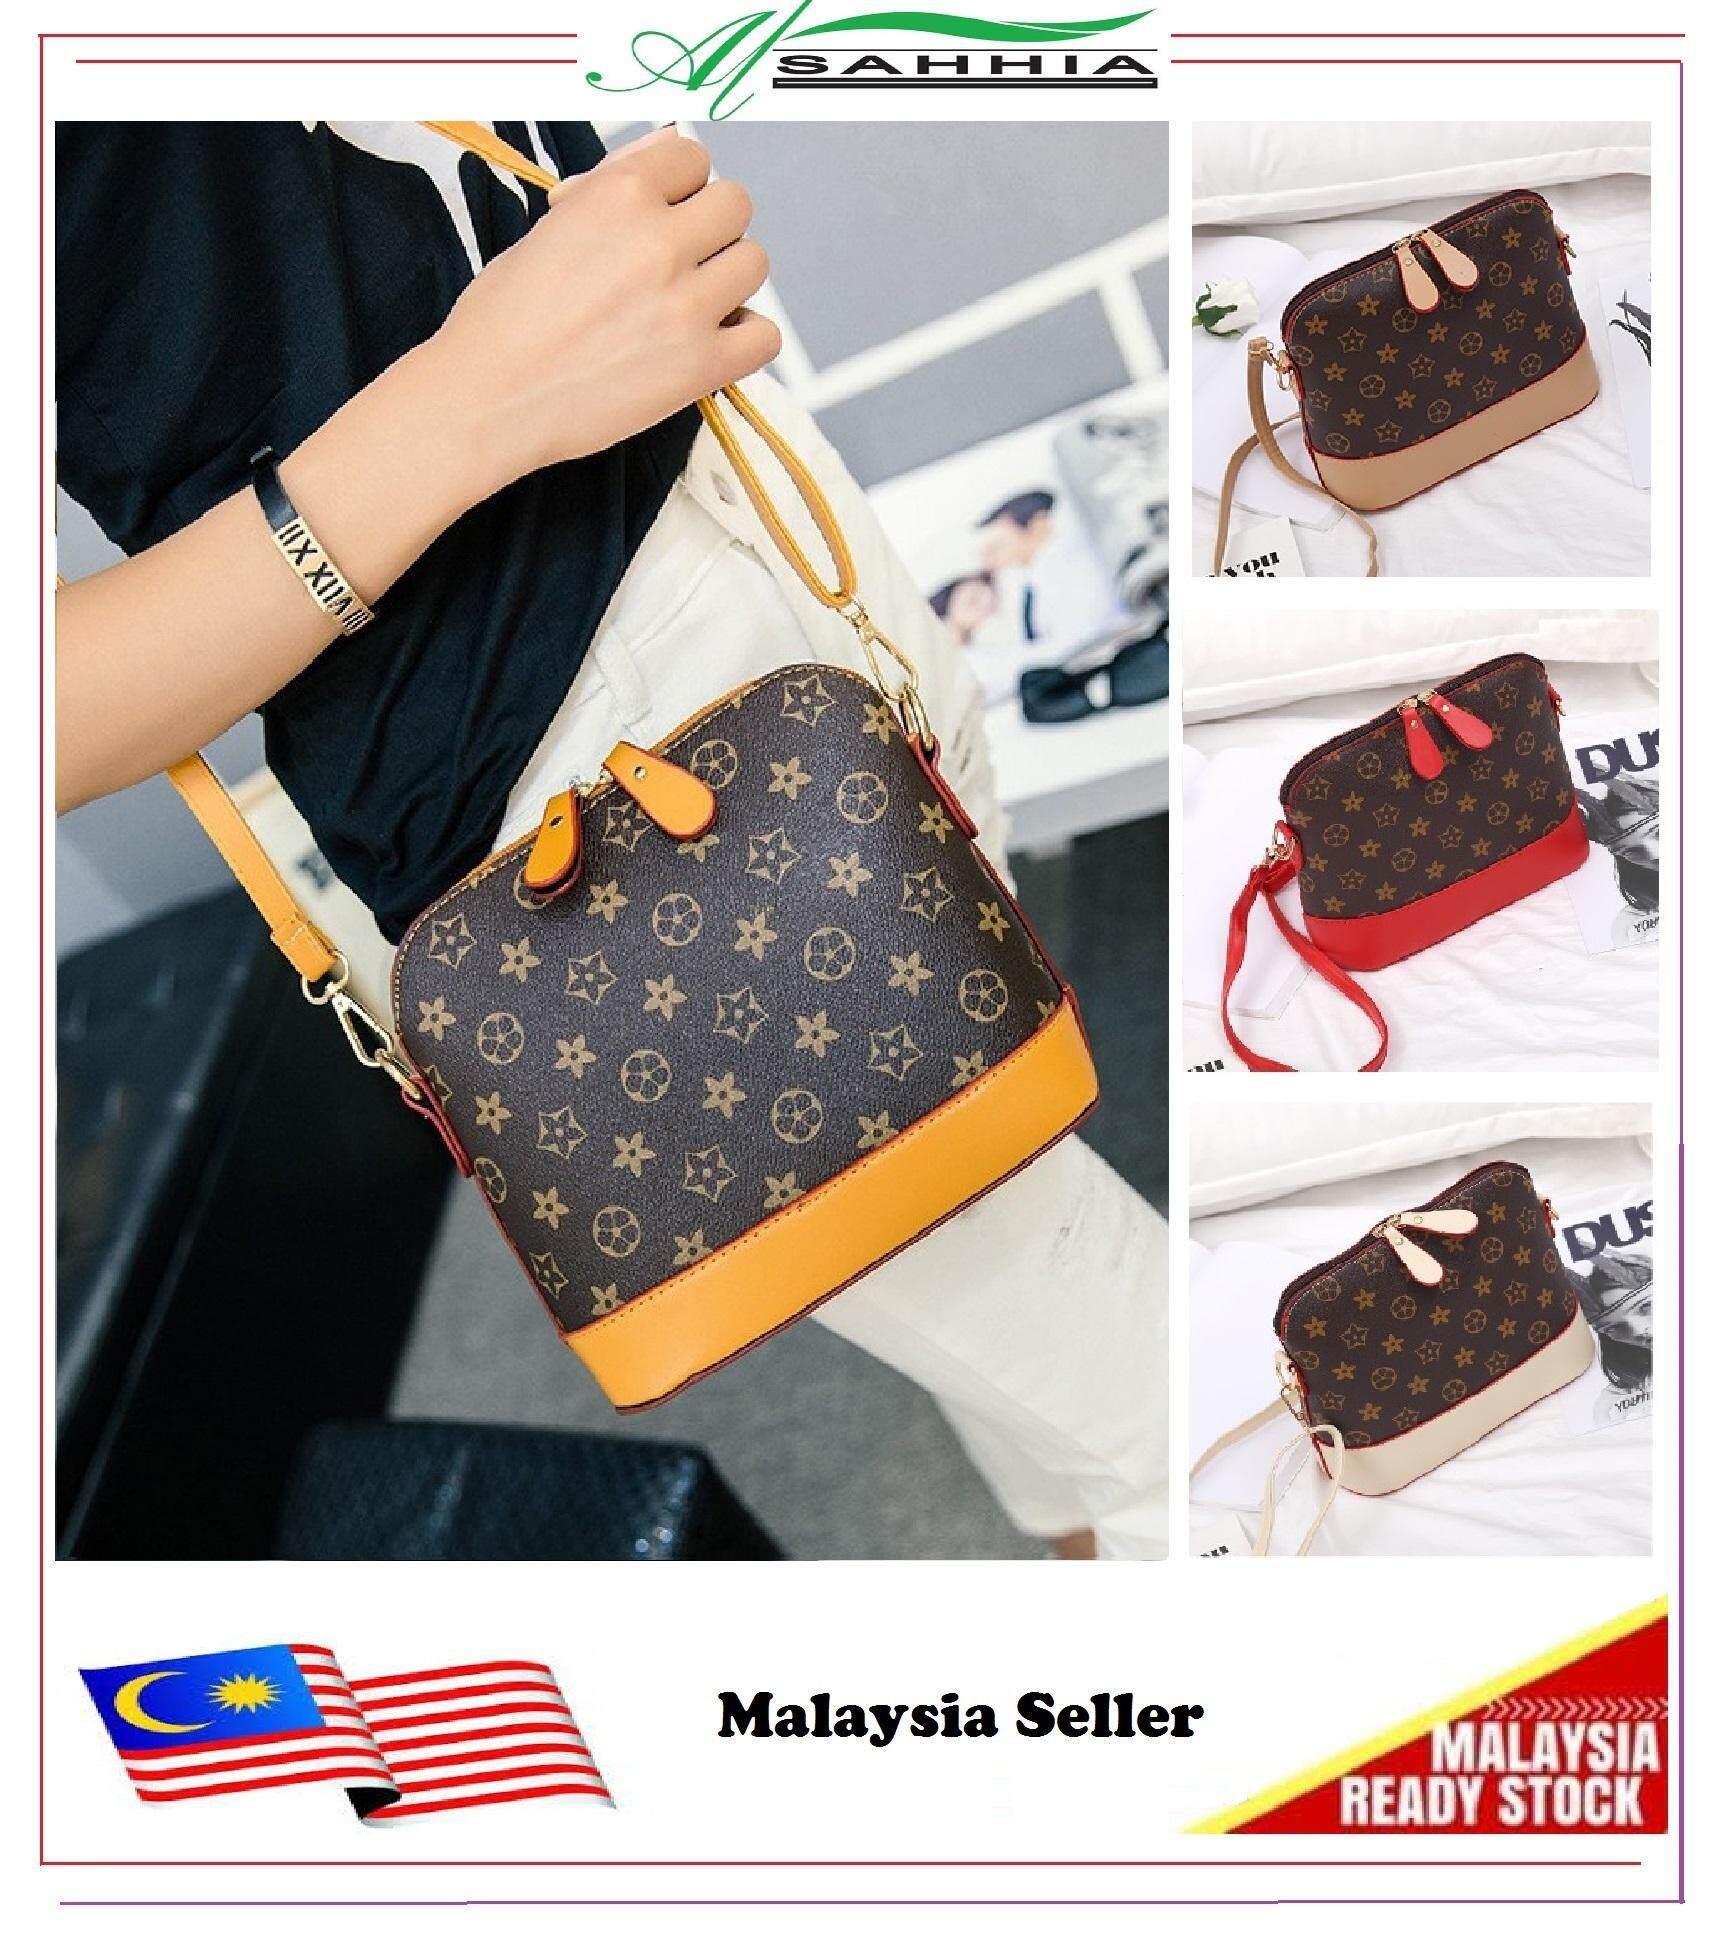 780c4595e20 Al Sahhia Ready Stock Premium Handbag Shell Fashion Bags Sling Bag Tote Beg  Tangan